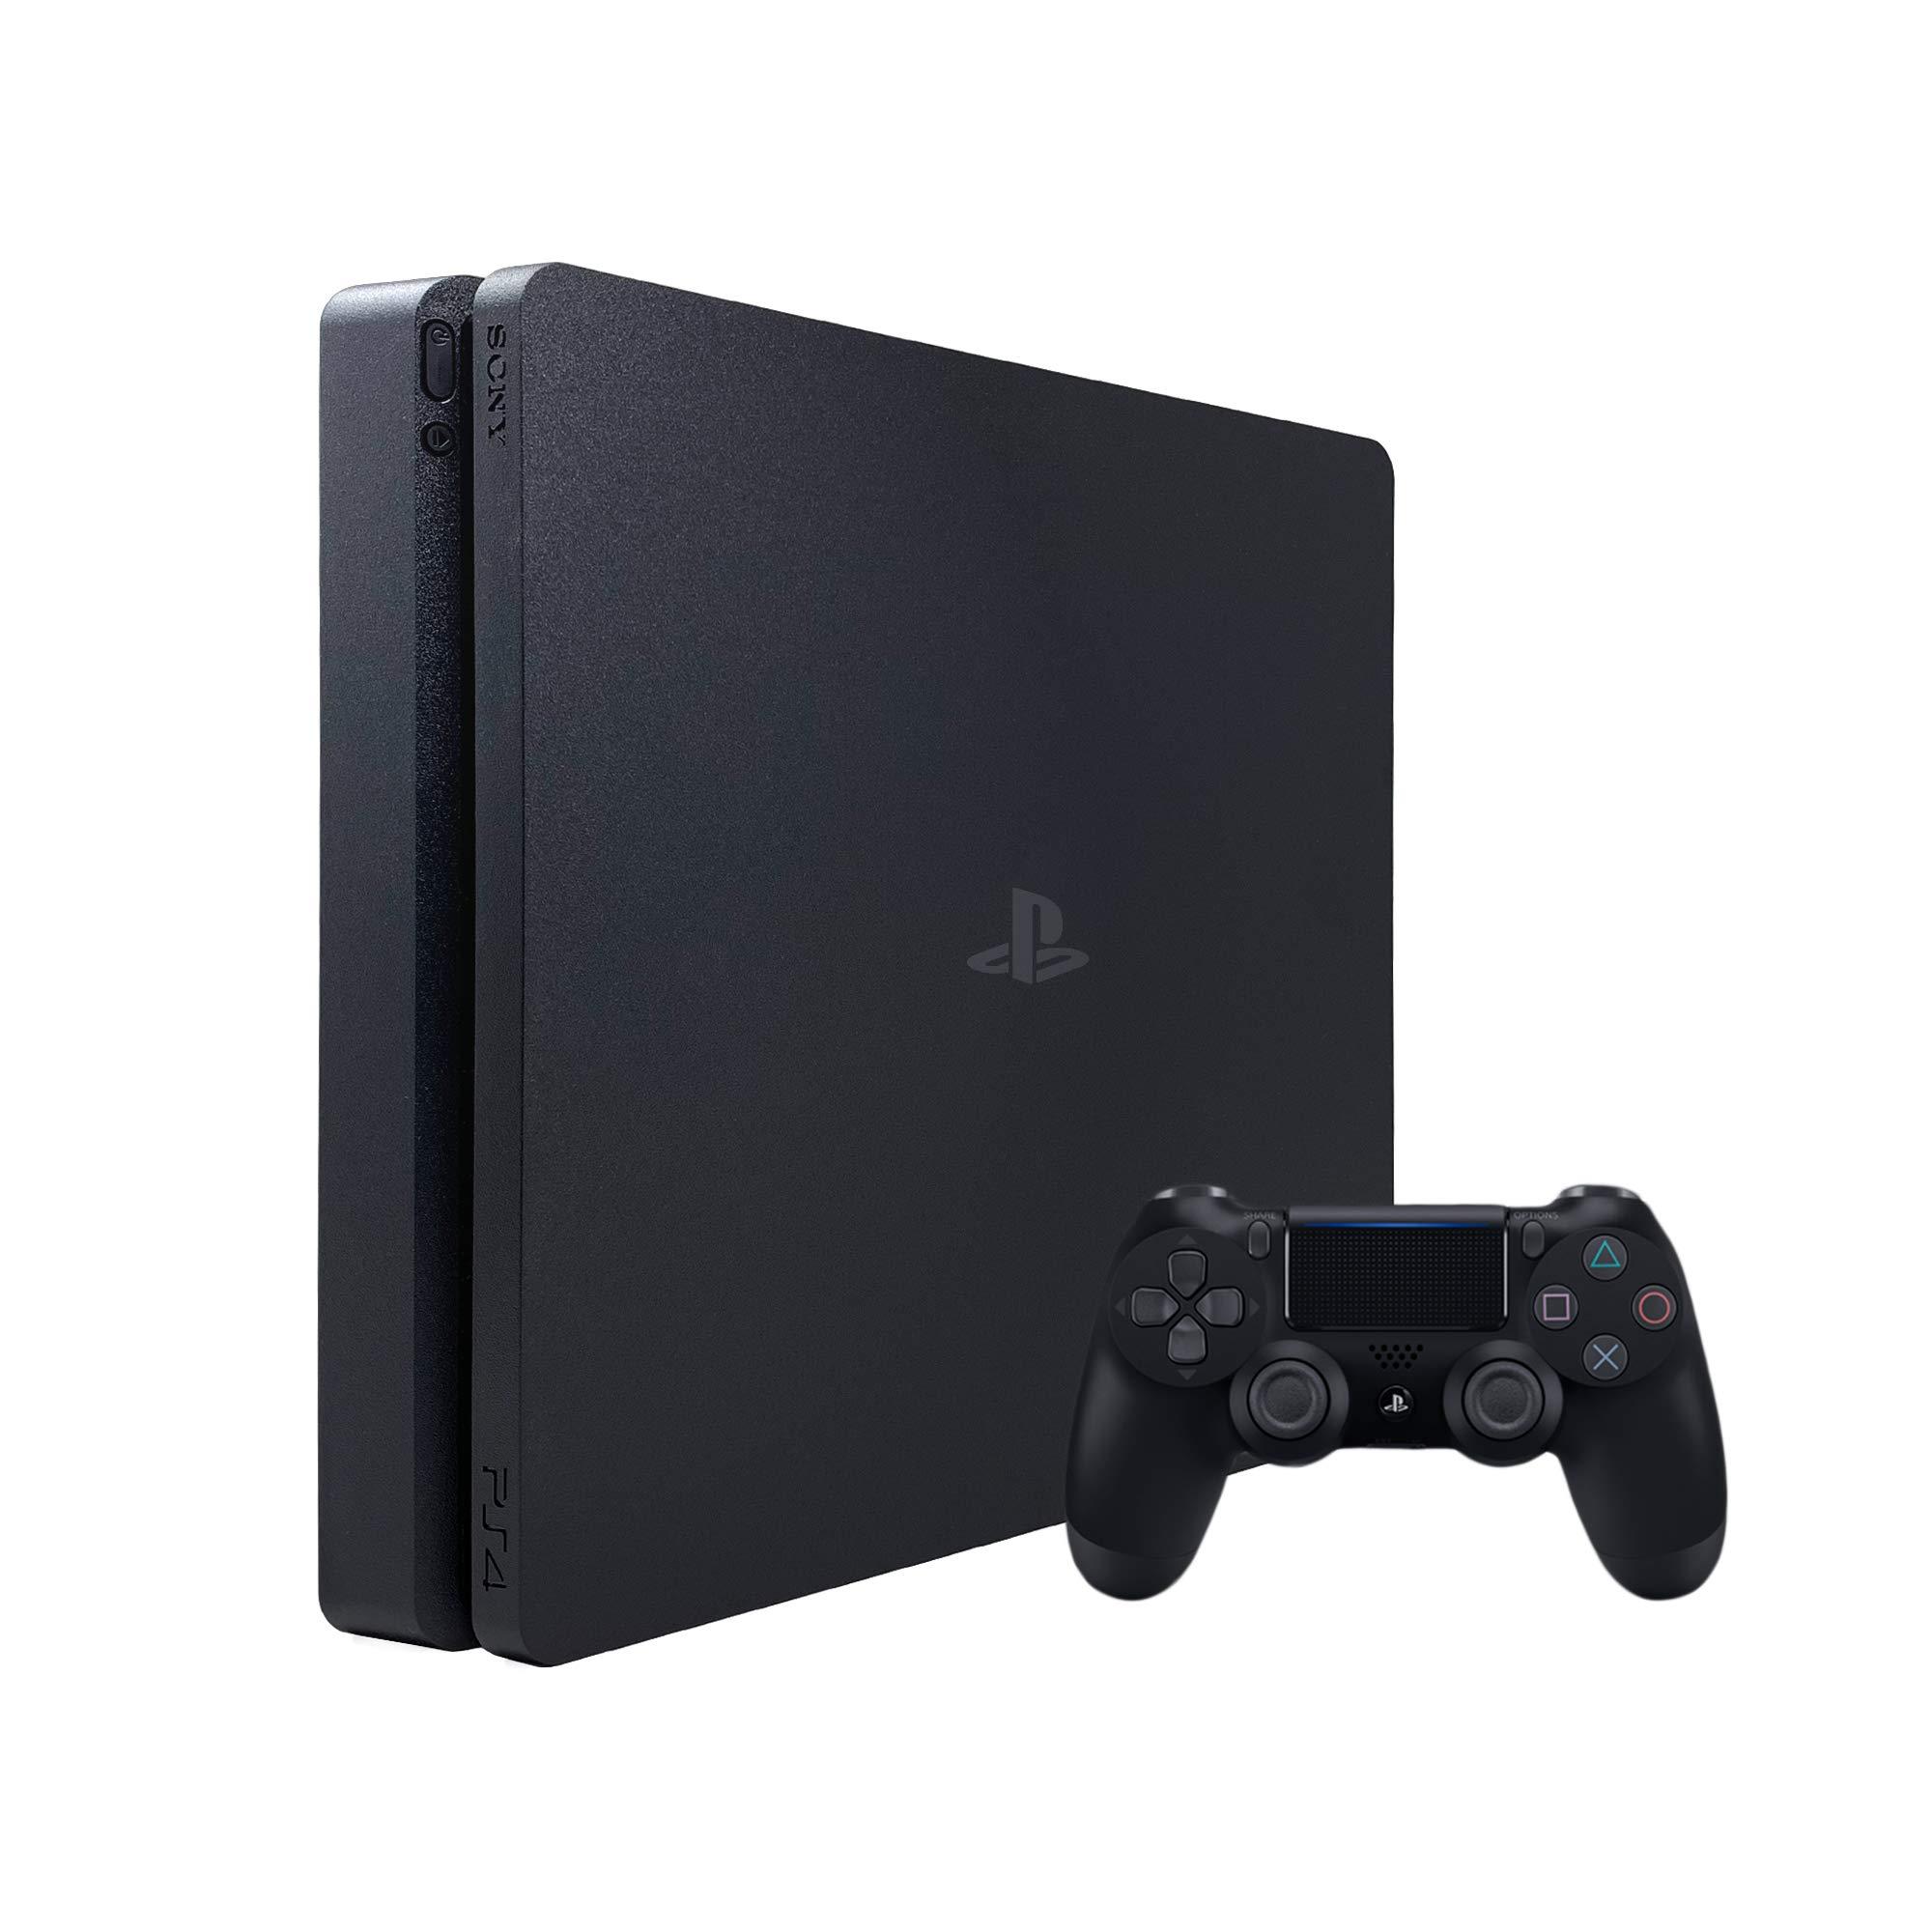 Sony PlayStation 4 Slim Gaming Console con controlador inalámbrico DualShock 4, unidad de estado sólido de 1TB, negro